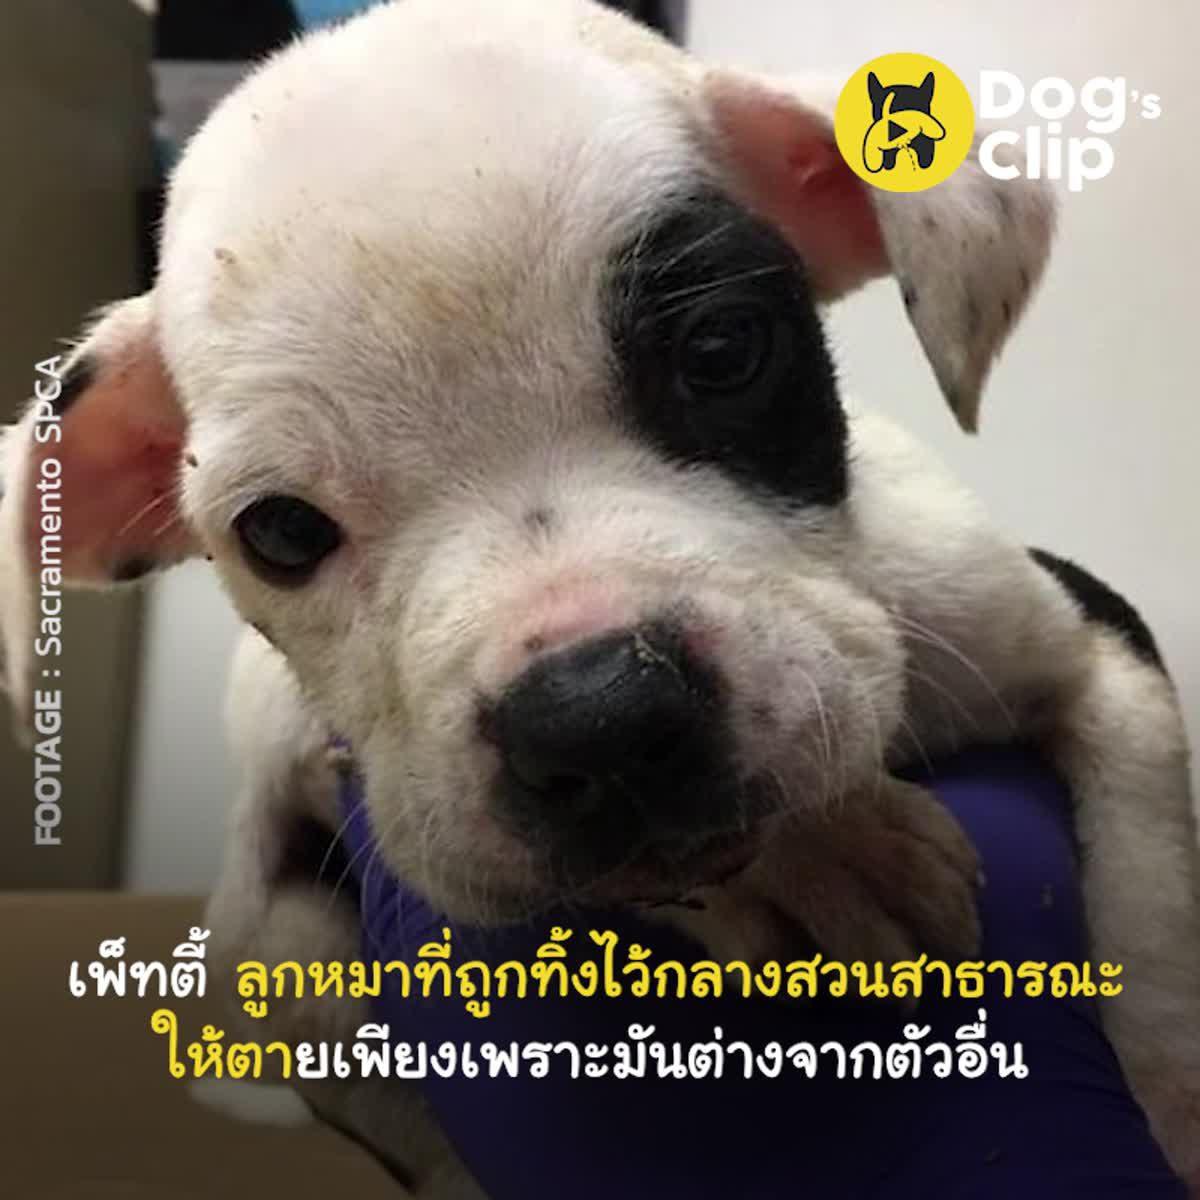 ลูกหมาตัวน้อยที่ถูกทิ้งไว้ให้ตายเพียงเพราะเขาไม่เหมือนตัวอื่น | Dog's Clip